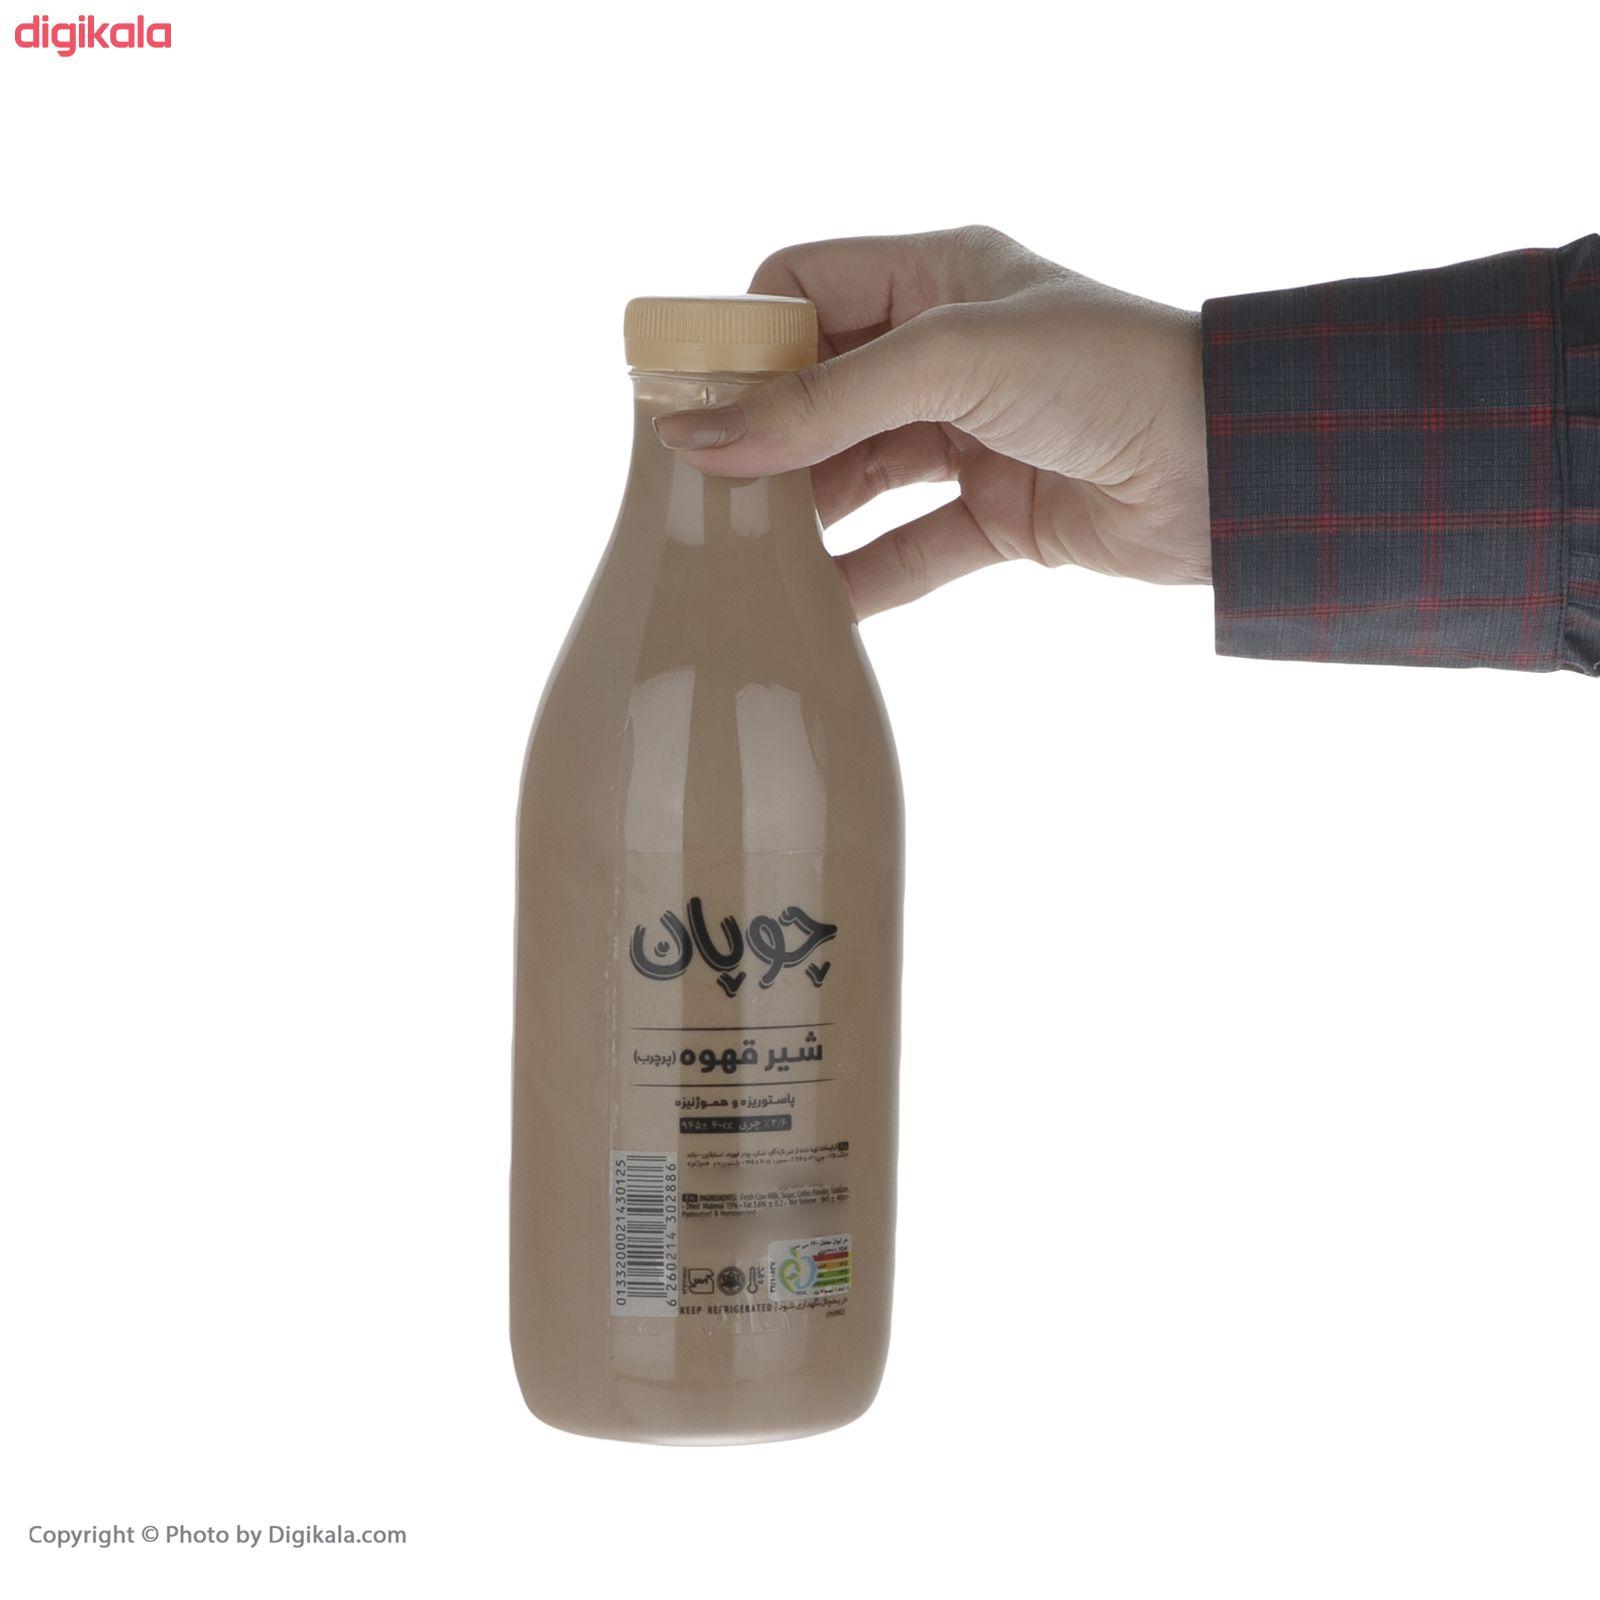 شیر قهوه پرچرب چوپان - 945 میلی لیتر main 1 2